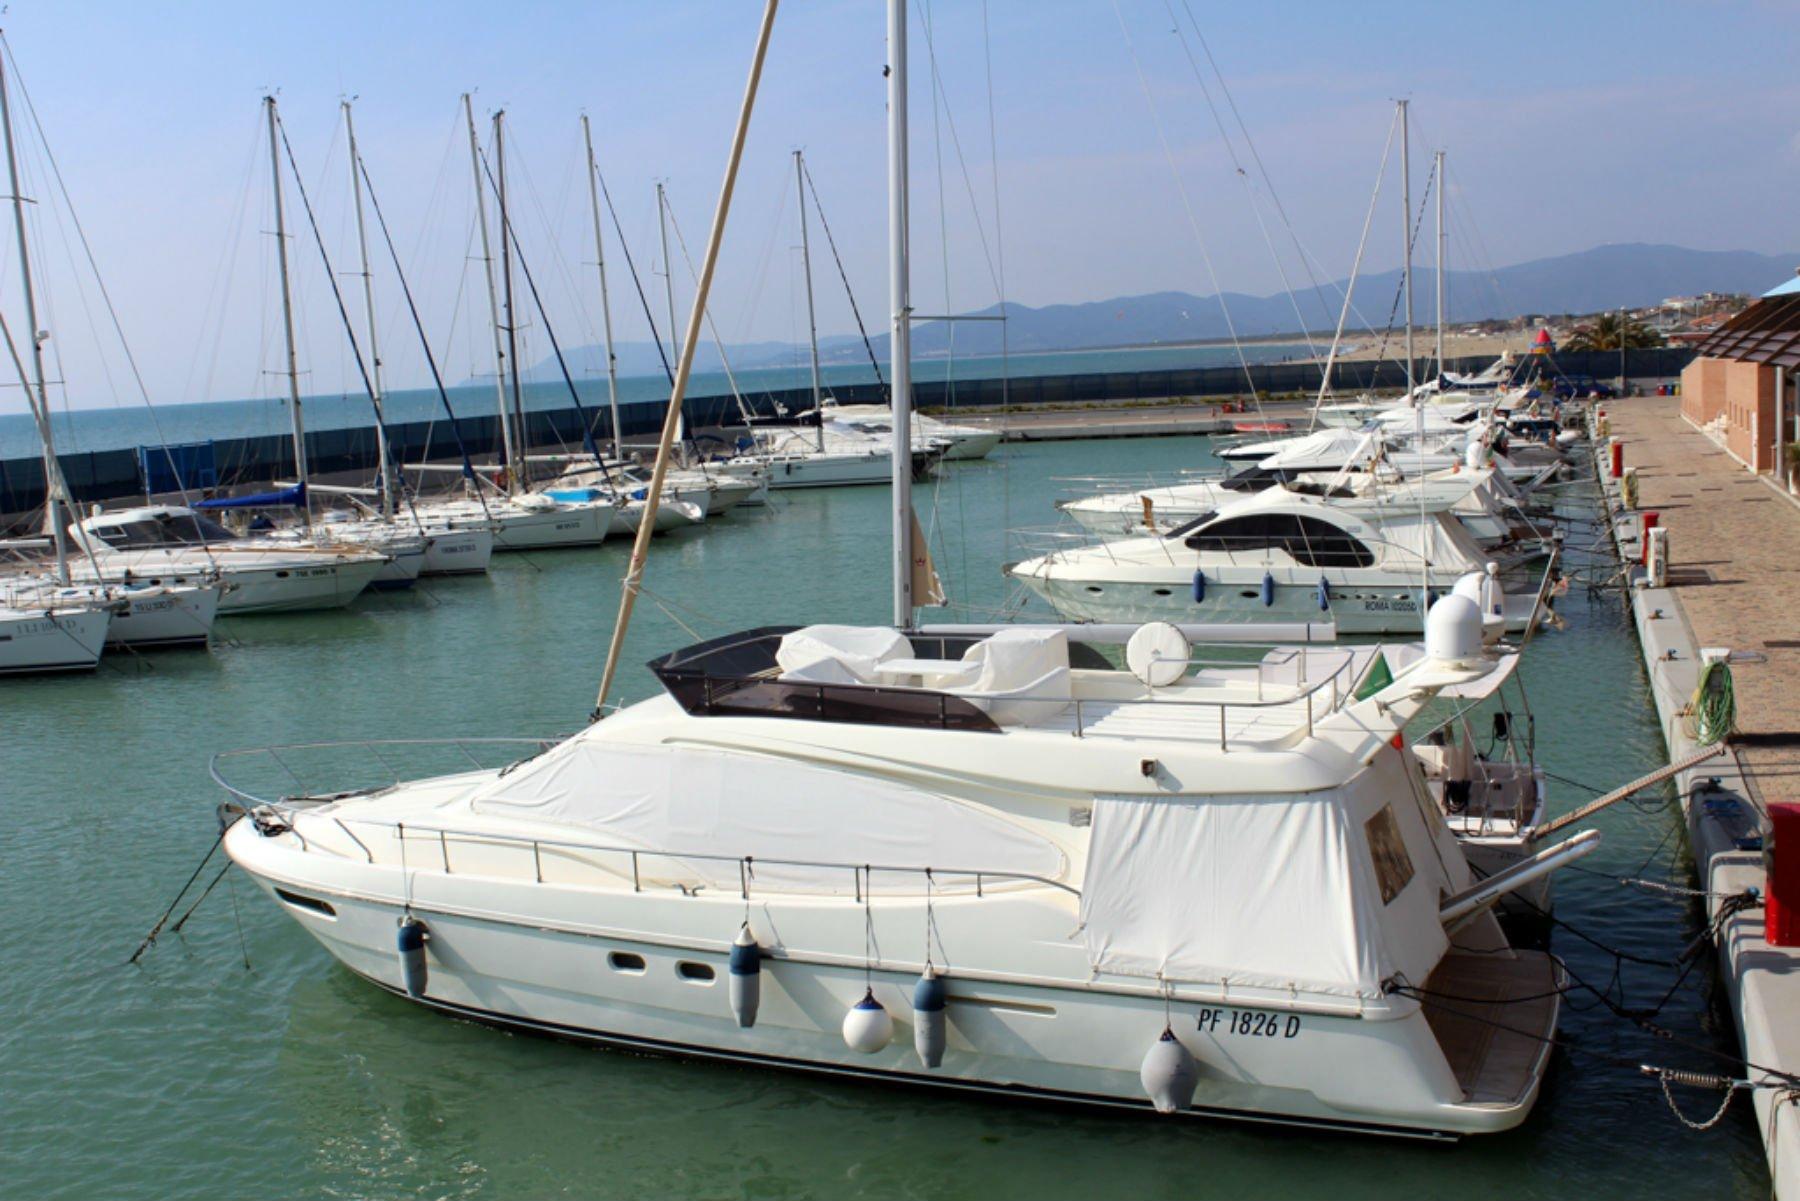 un porto con delle barche ormeggiate